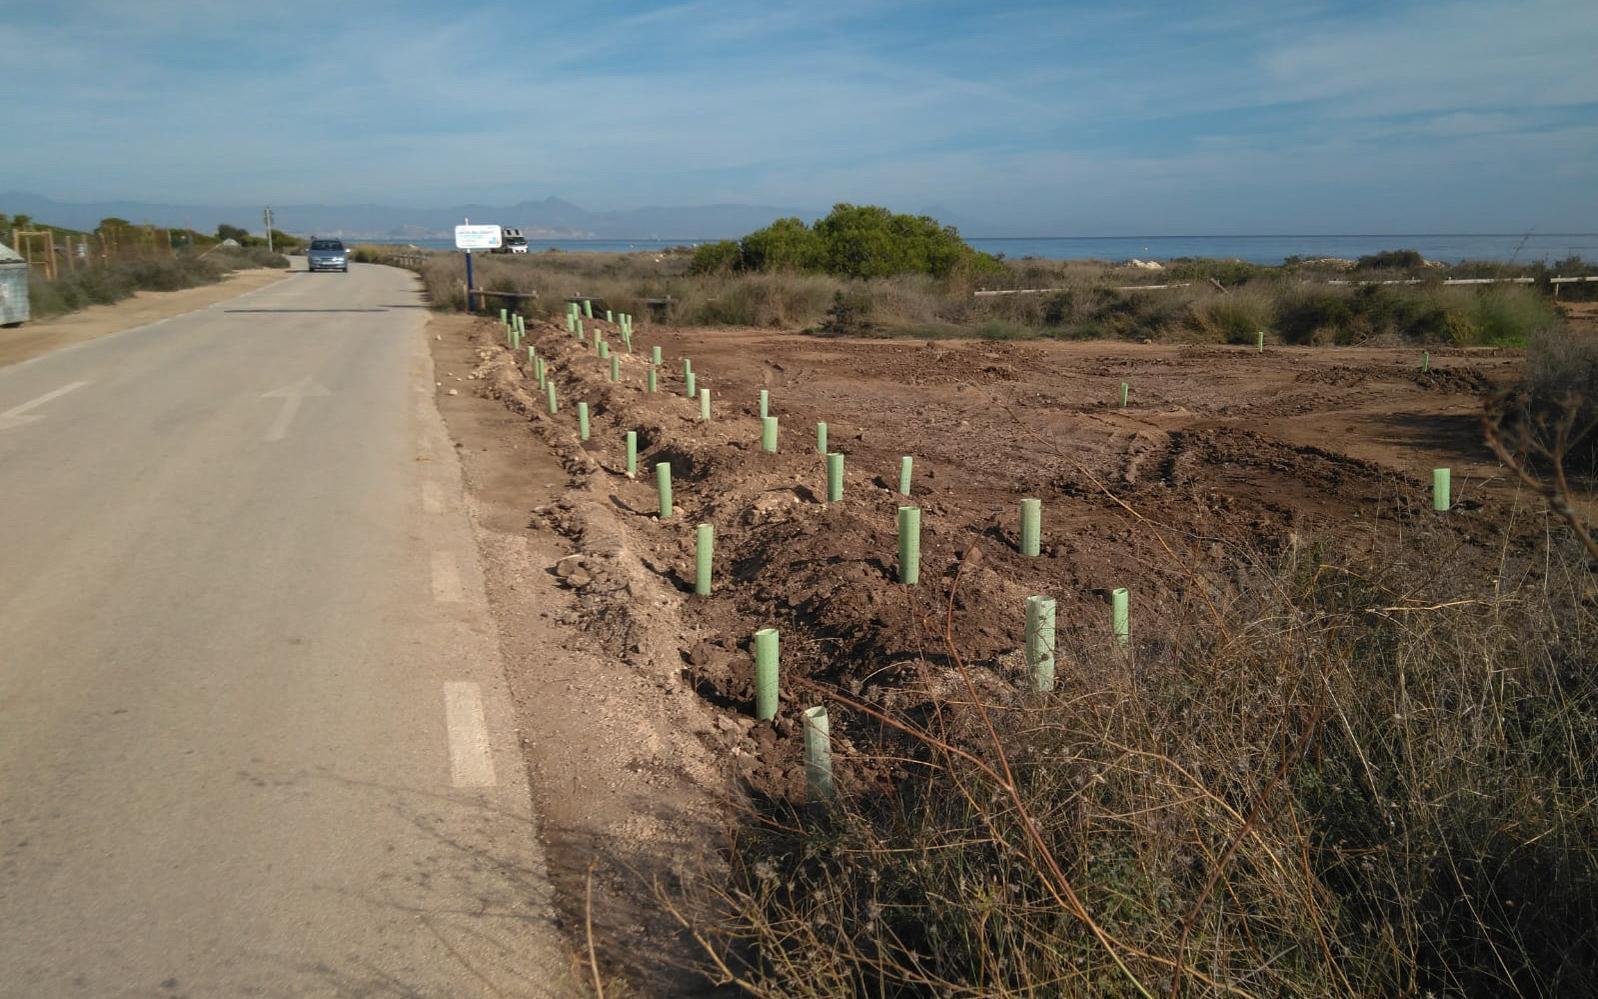 La Concejalía de Sostenibilidad ha comenzado las labores de regeneración ambiental del Frente Litoral del Cabo de Santa Pola